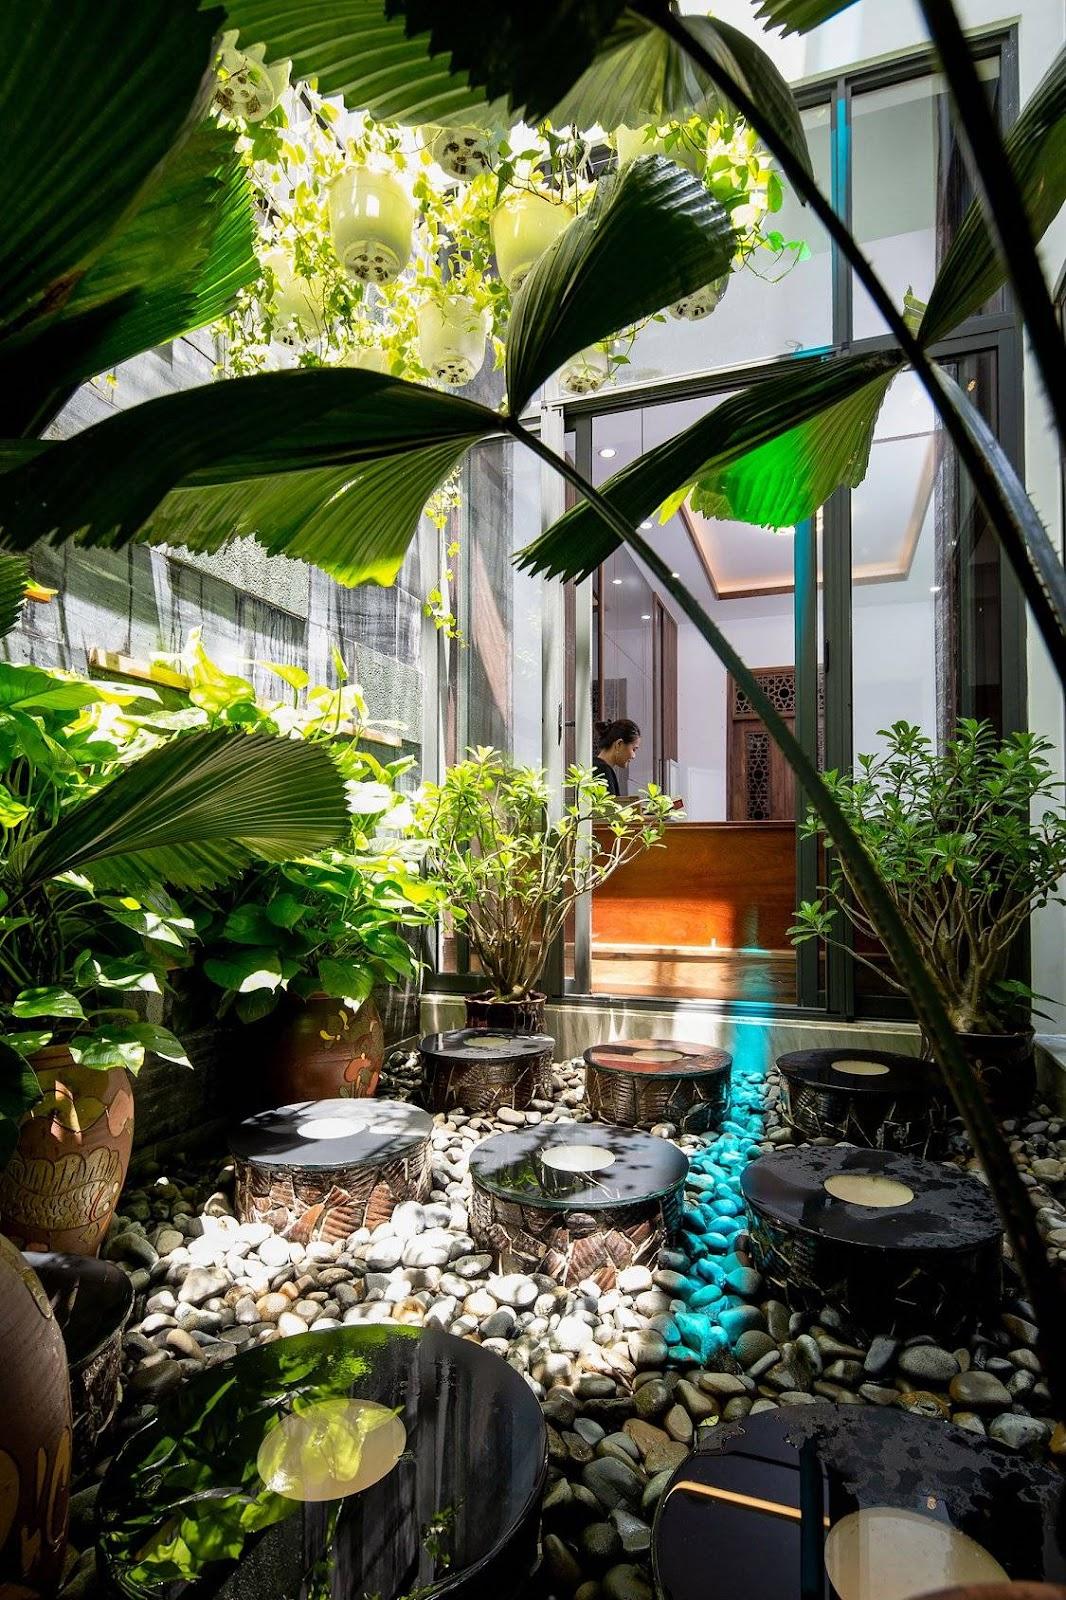 Tiểu cảnh ngập sắc xanh trong ngôi nhà